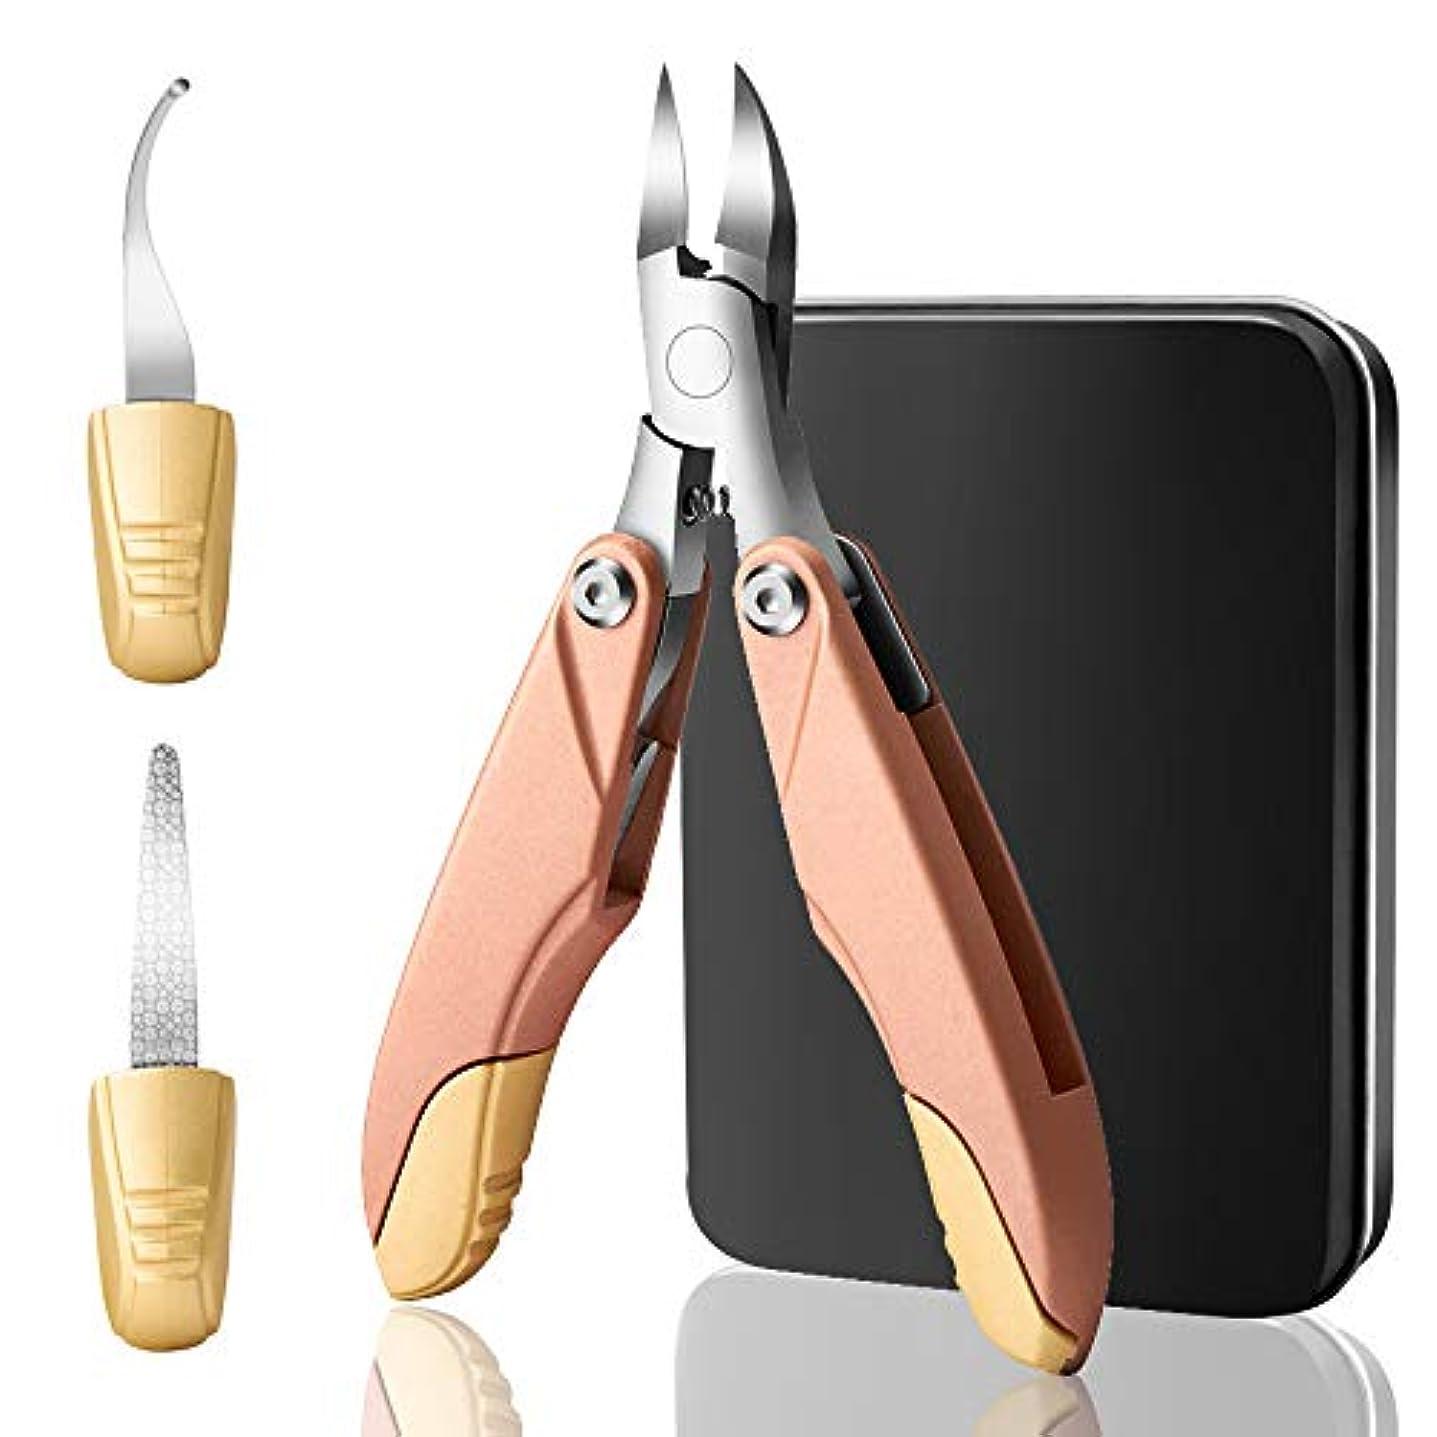 研究左粒YunTech 爪切り3in1 ニッパー爪切り ステンレス製 折り畳み式 巻き爪 硬い爪などにも対応 ゾンデ/爪やすり付き 手足兼用 収納ケース付き (ローズゴールド)